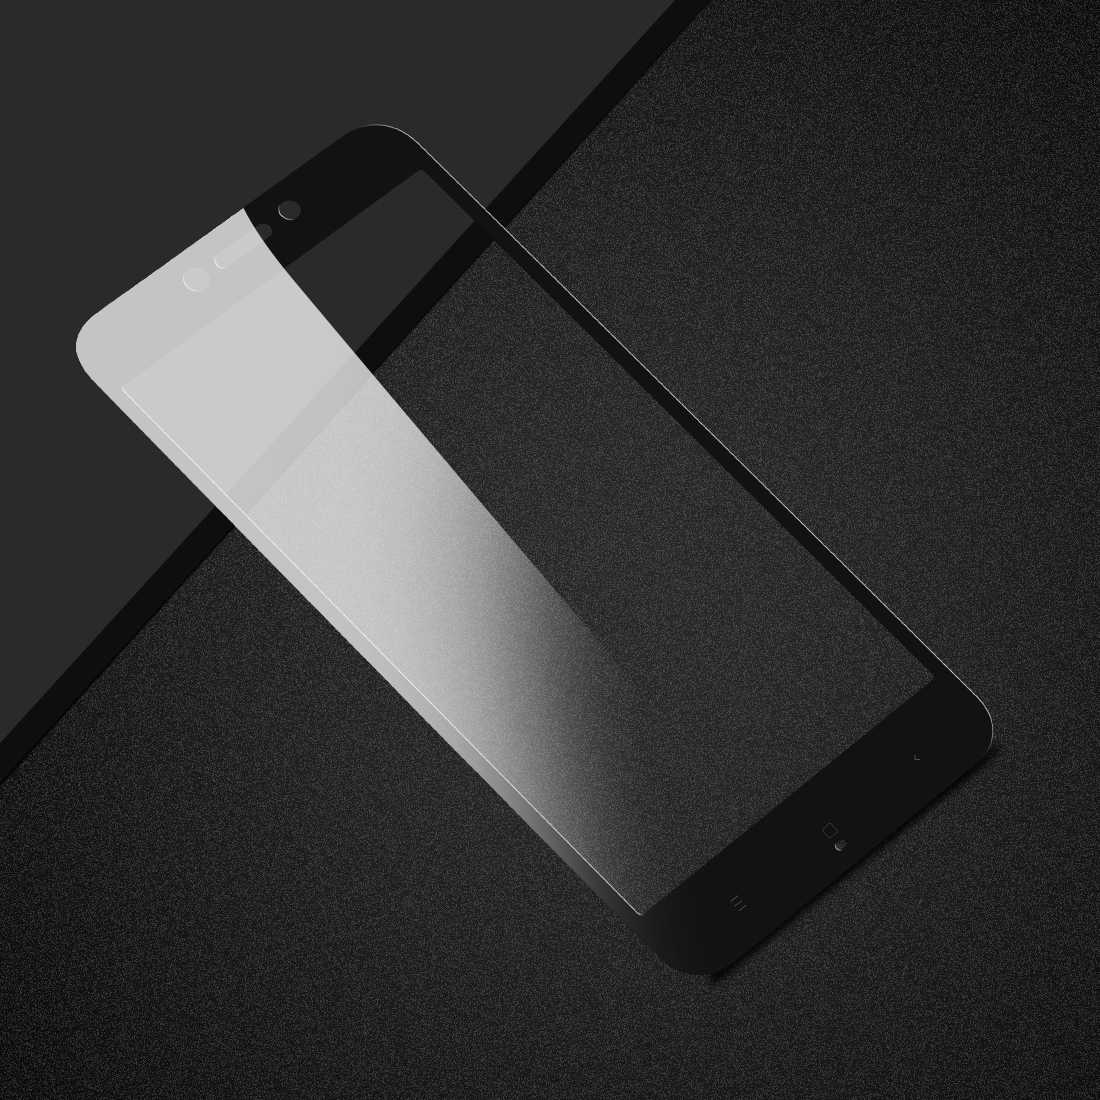 Copertura completa di Vetro sul Per Redmi 4X/7/6 pro/6A/6/5 più schermo di protezione in vetro Pellicola per Xiaomi Professionale